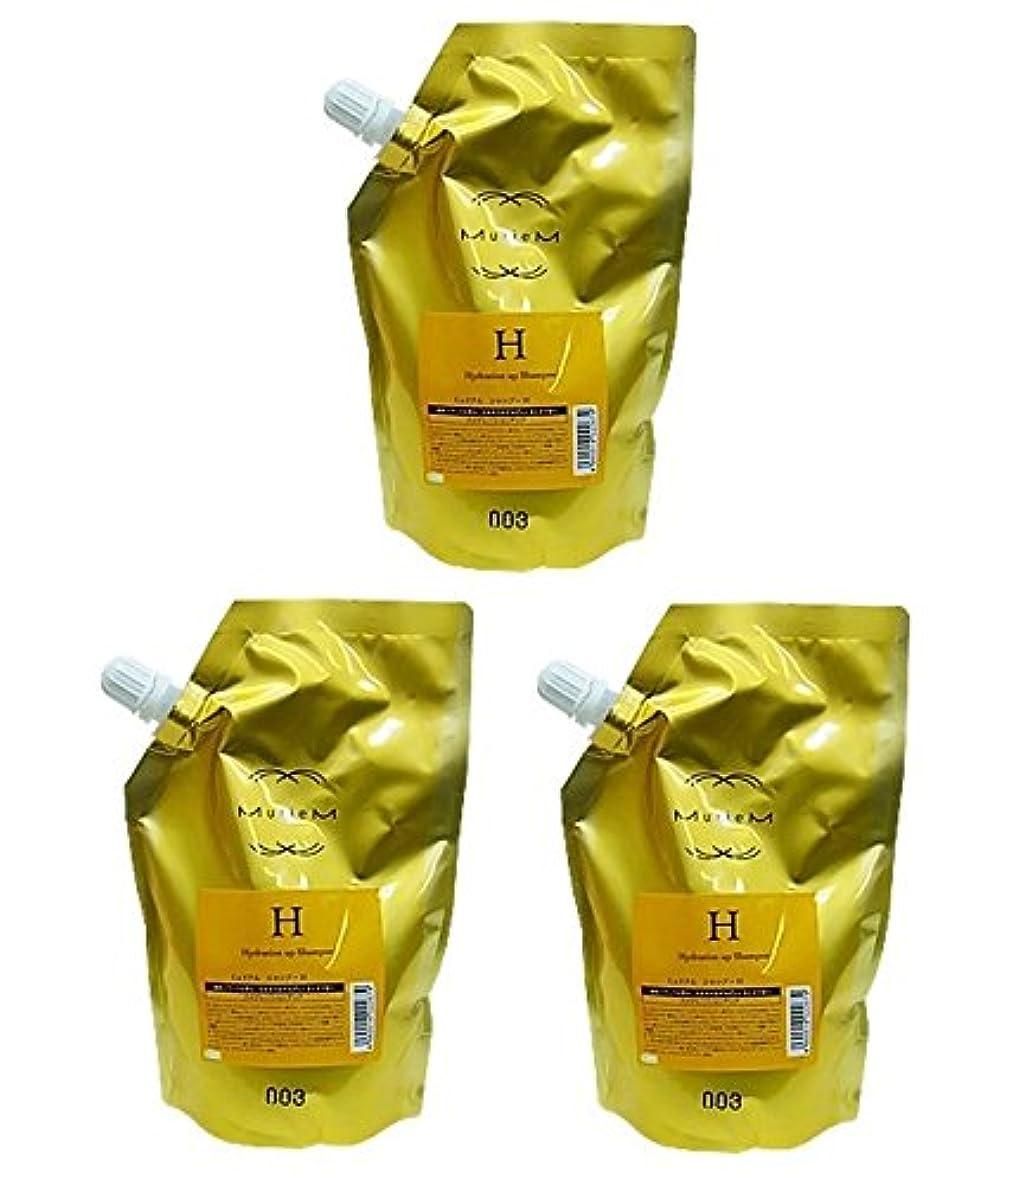 獲物十年ベル【X3個セット】 ナンバースリー ミュリアム ゴールド シャンプー H 500ml 詰替え用